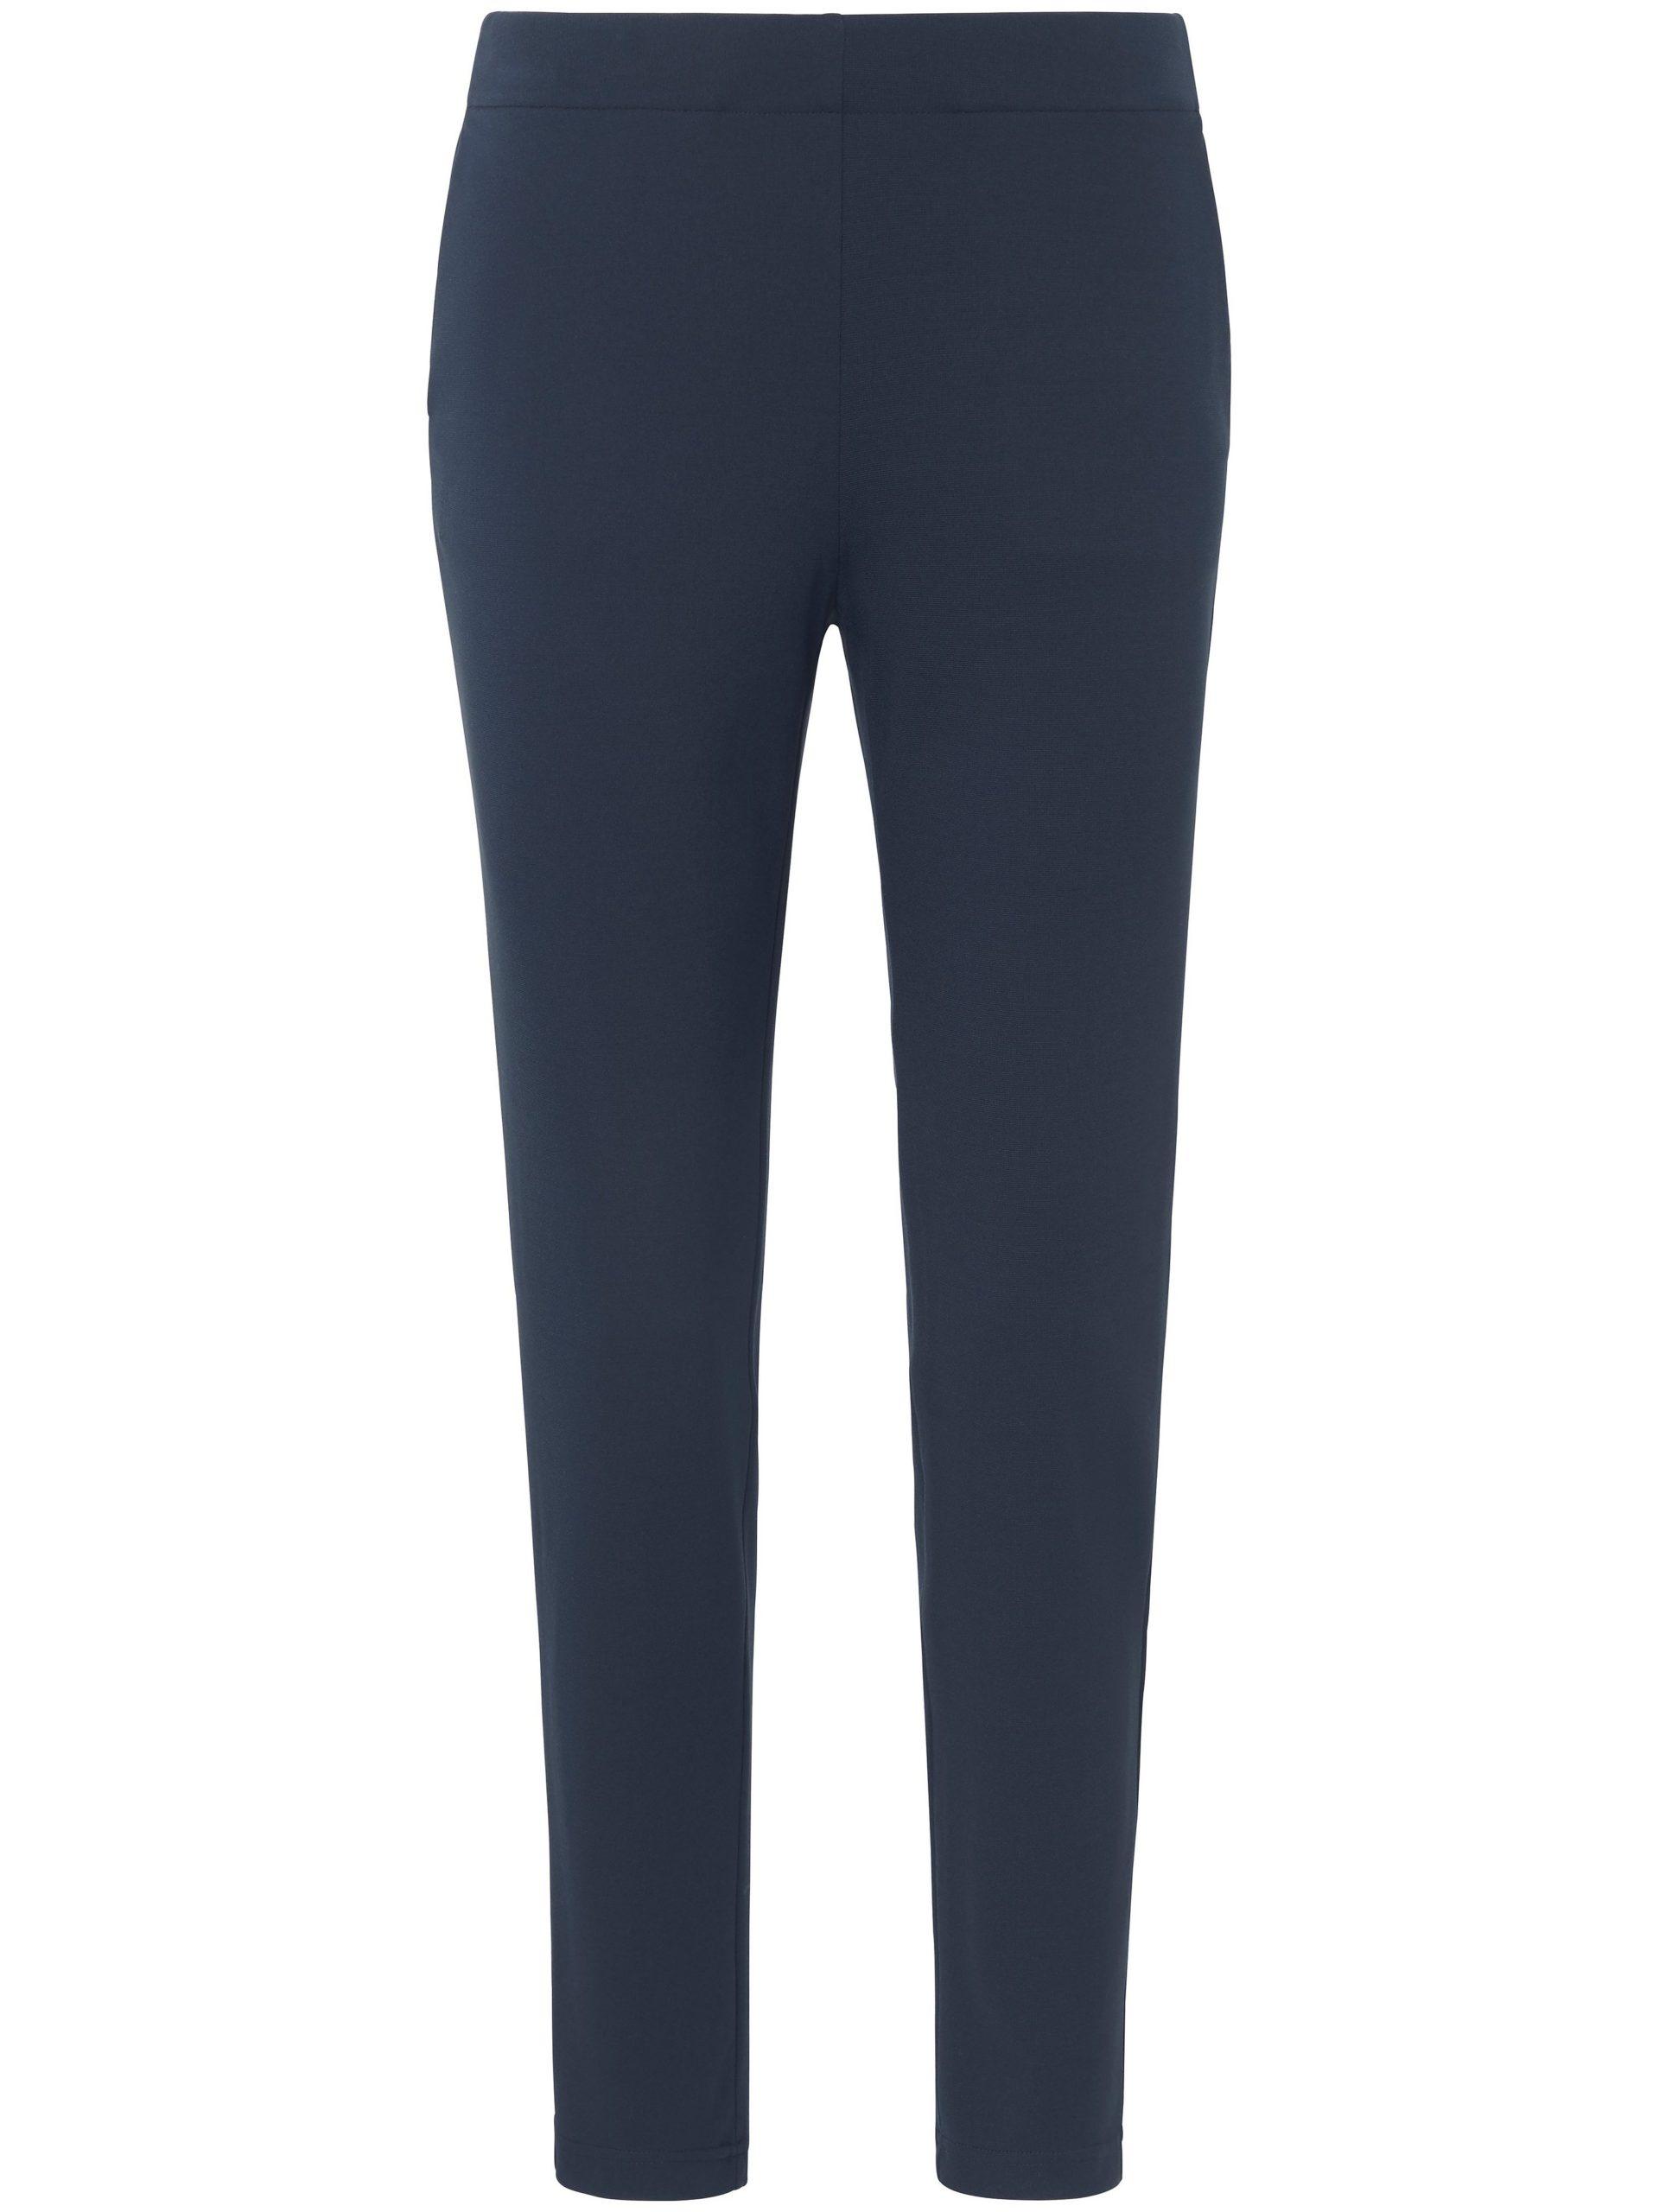 Enkellange broek met elastische band Van Peter Hahn blauw Kopen